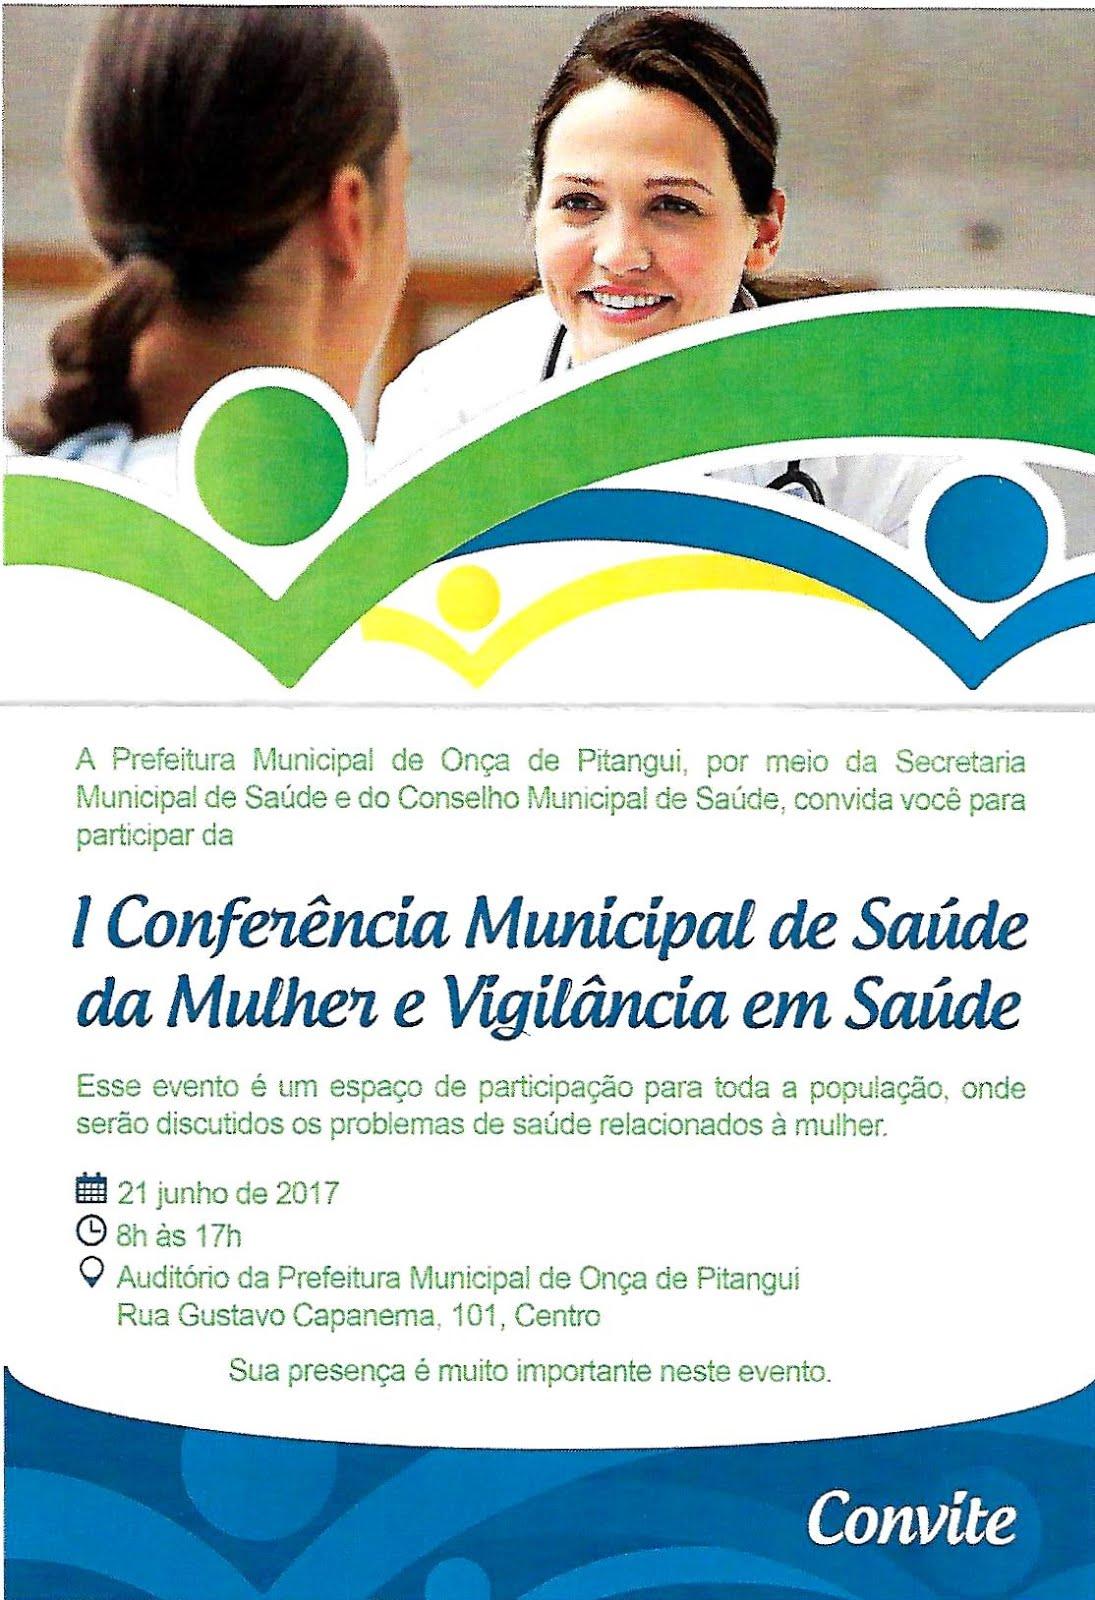 1ª Conferência Municipal de Saúde da Mulher e Vigilância em Saúde